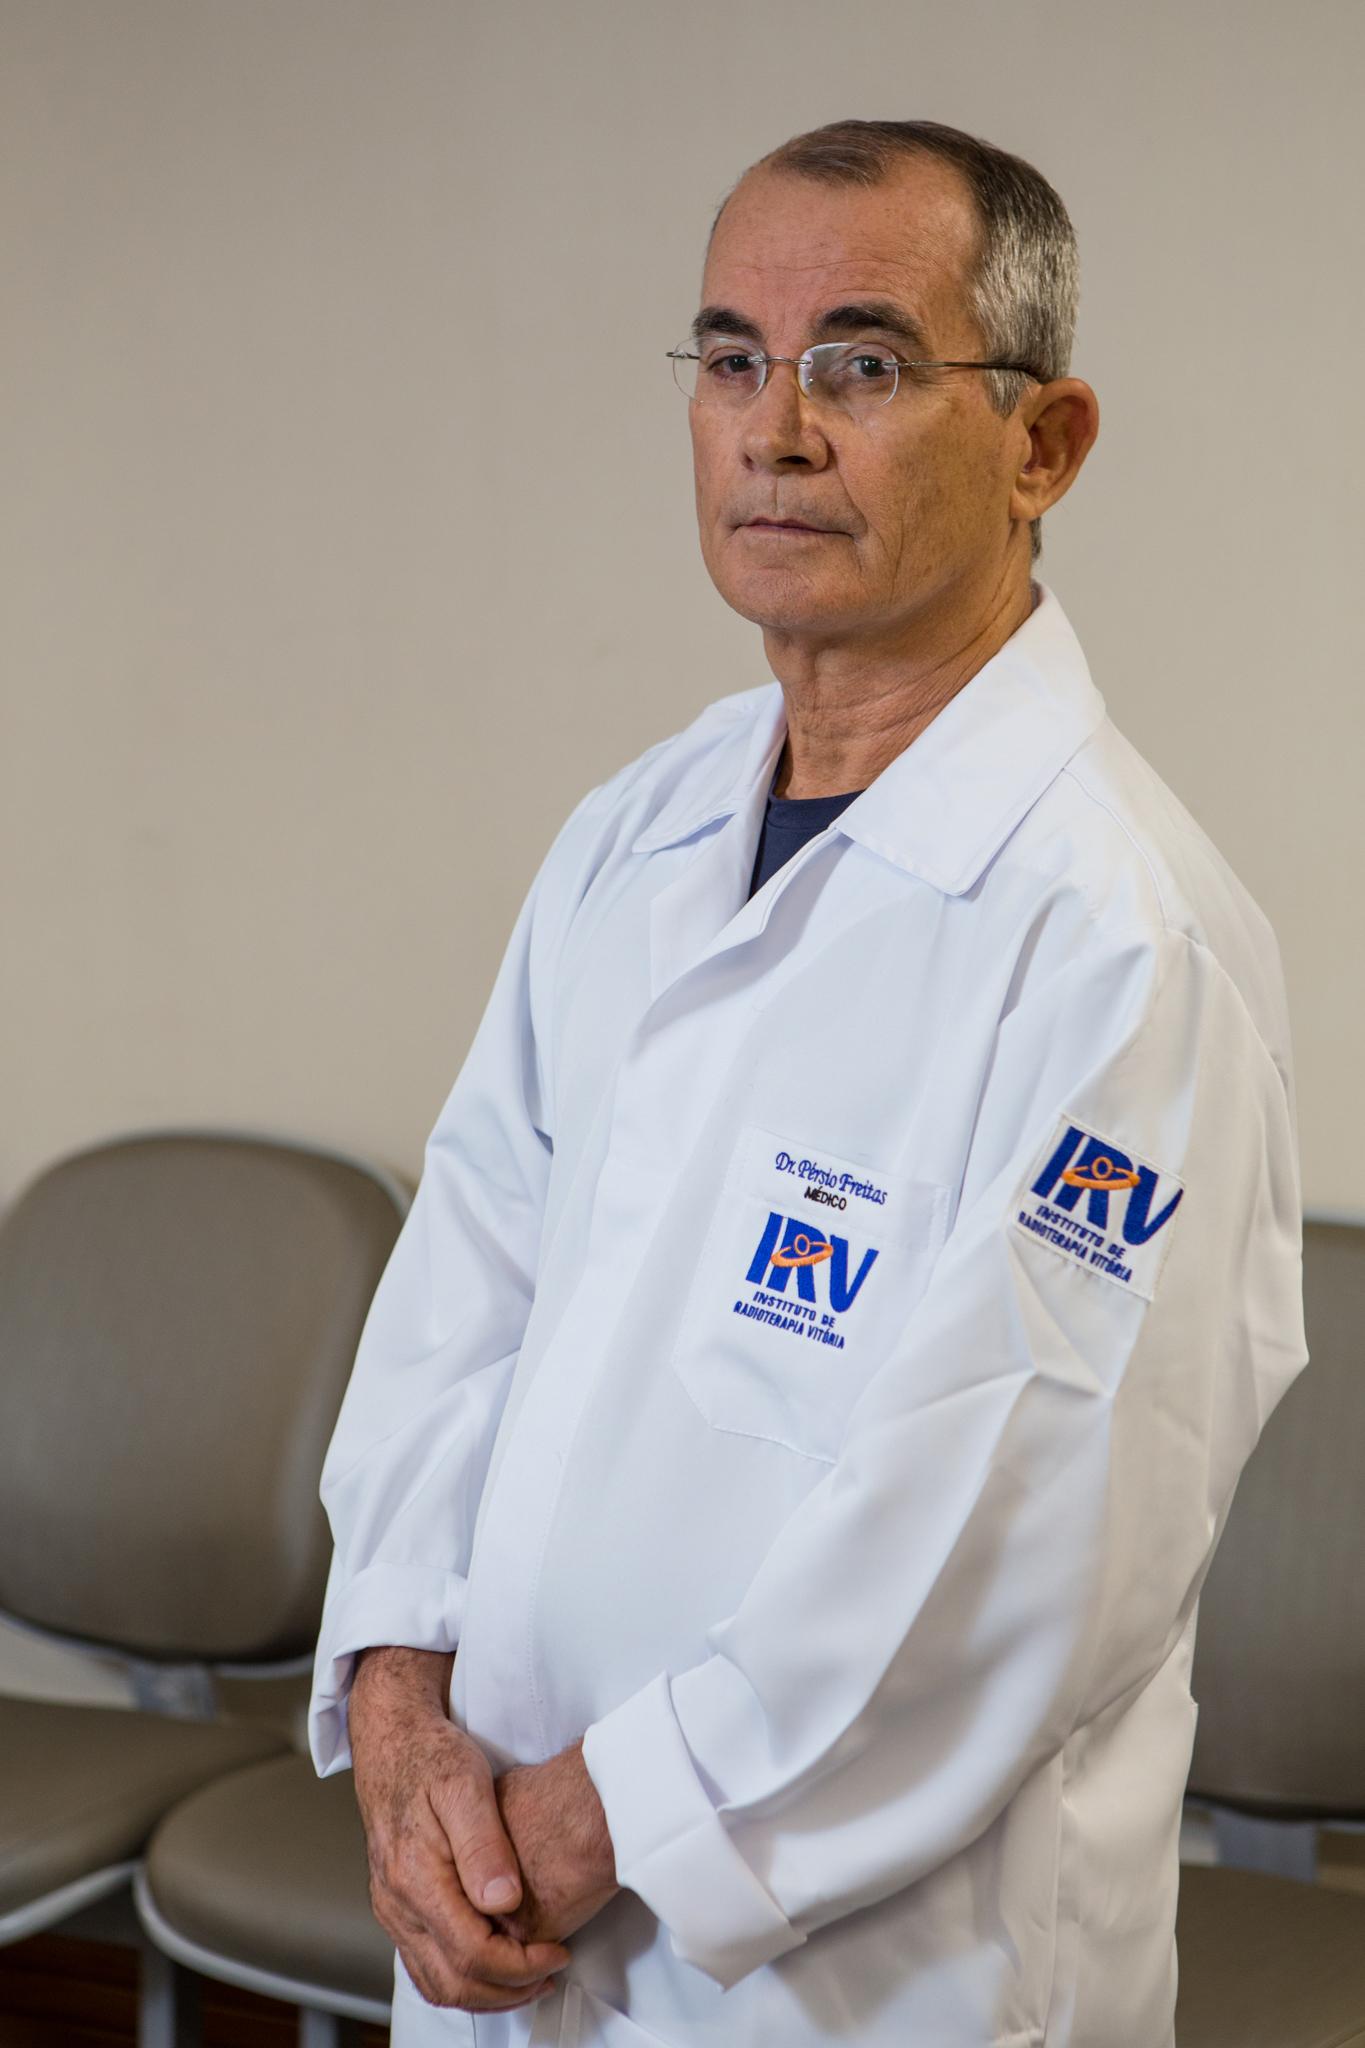 Médico esclarece dúvidas comuns sobre tratamento de câncer